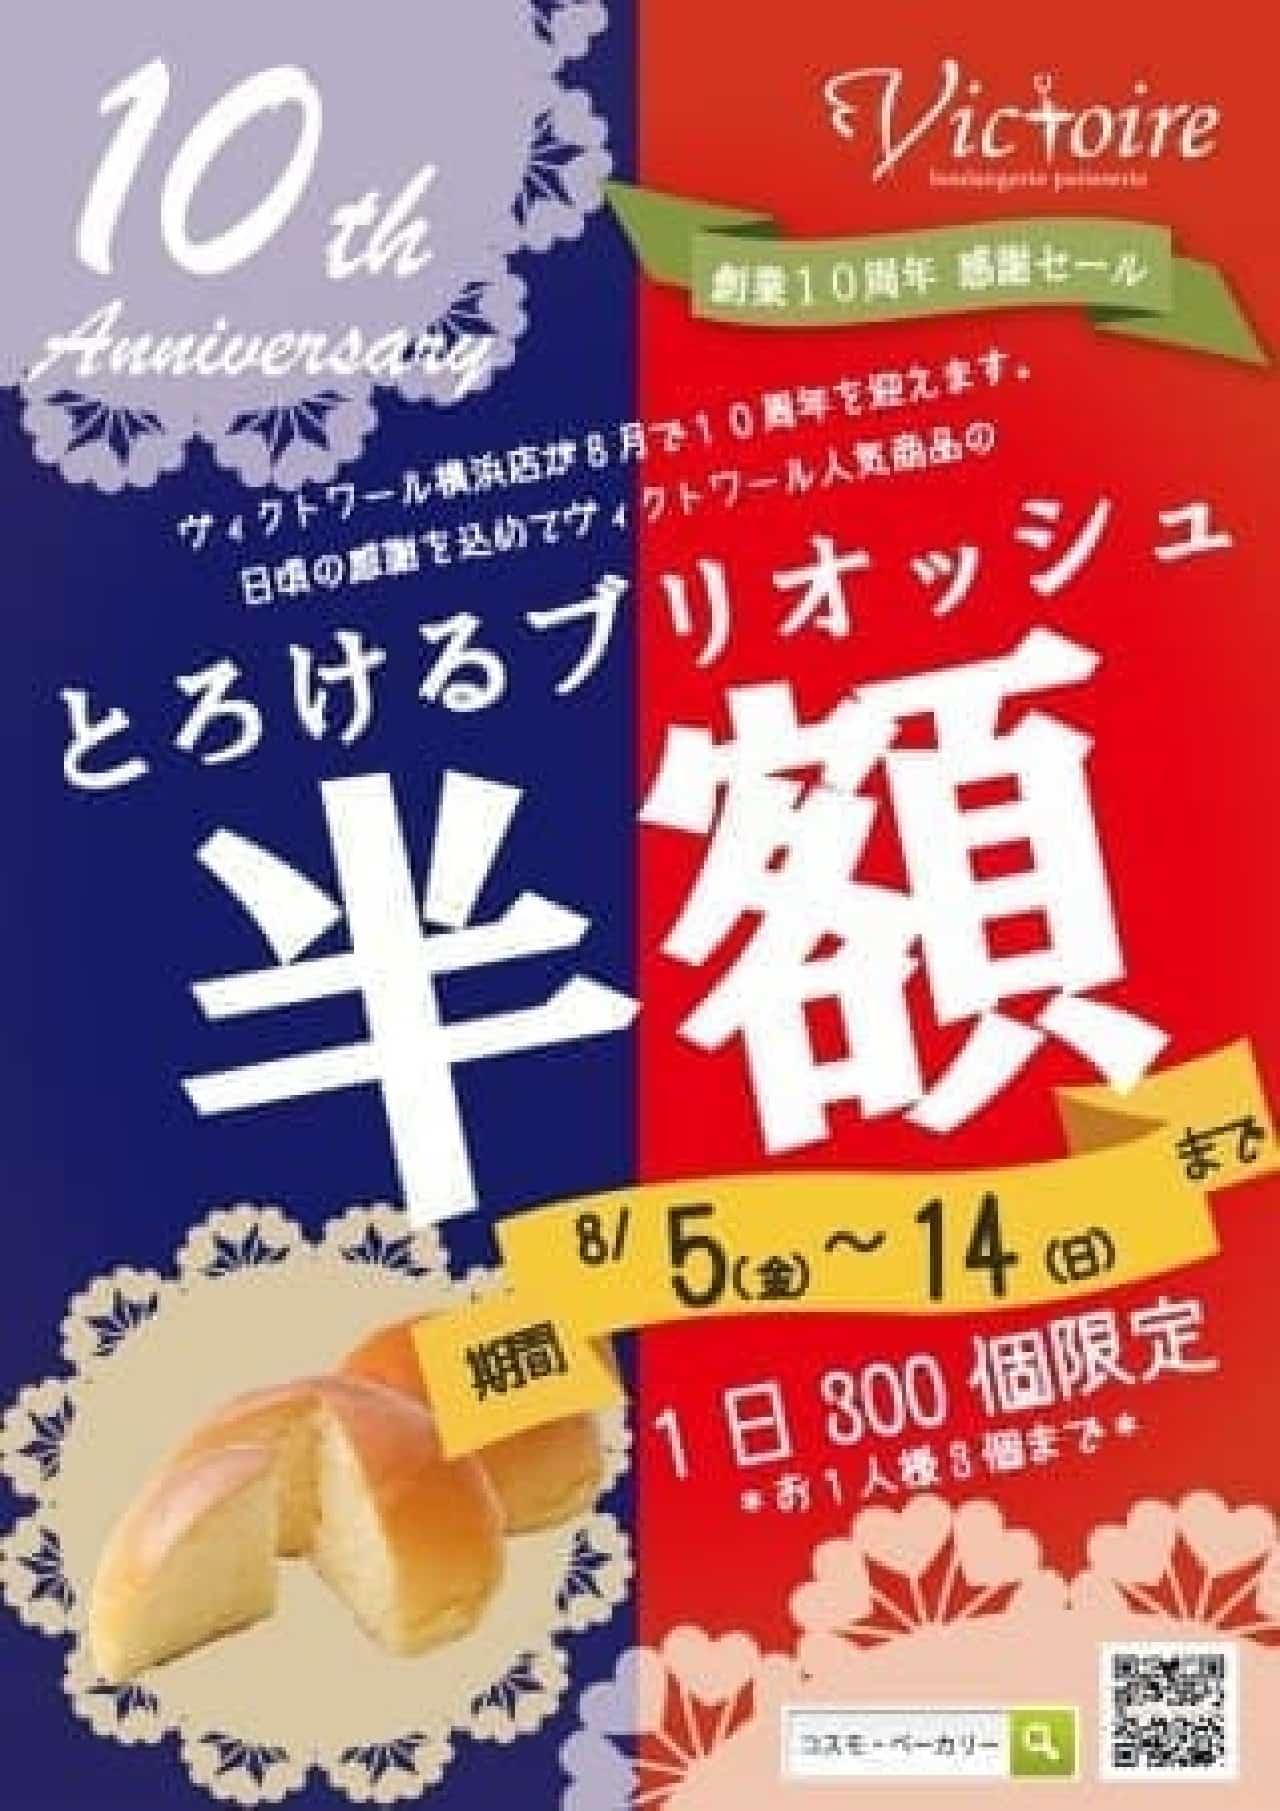 ヴィクトワール横浜 とろけるブリオッシュ半額キャンペーン